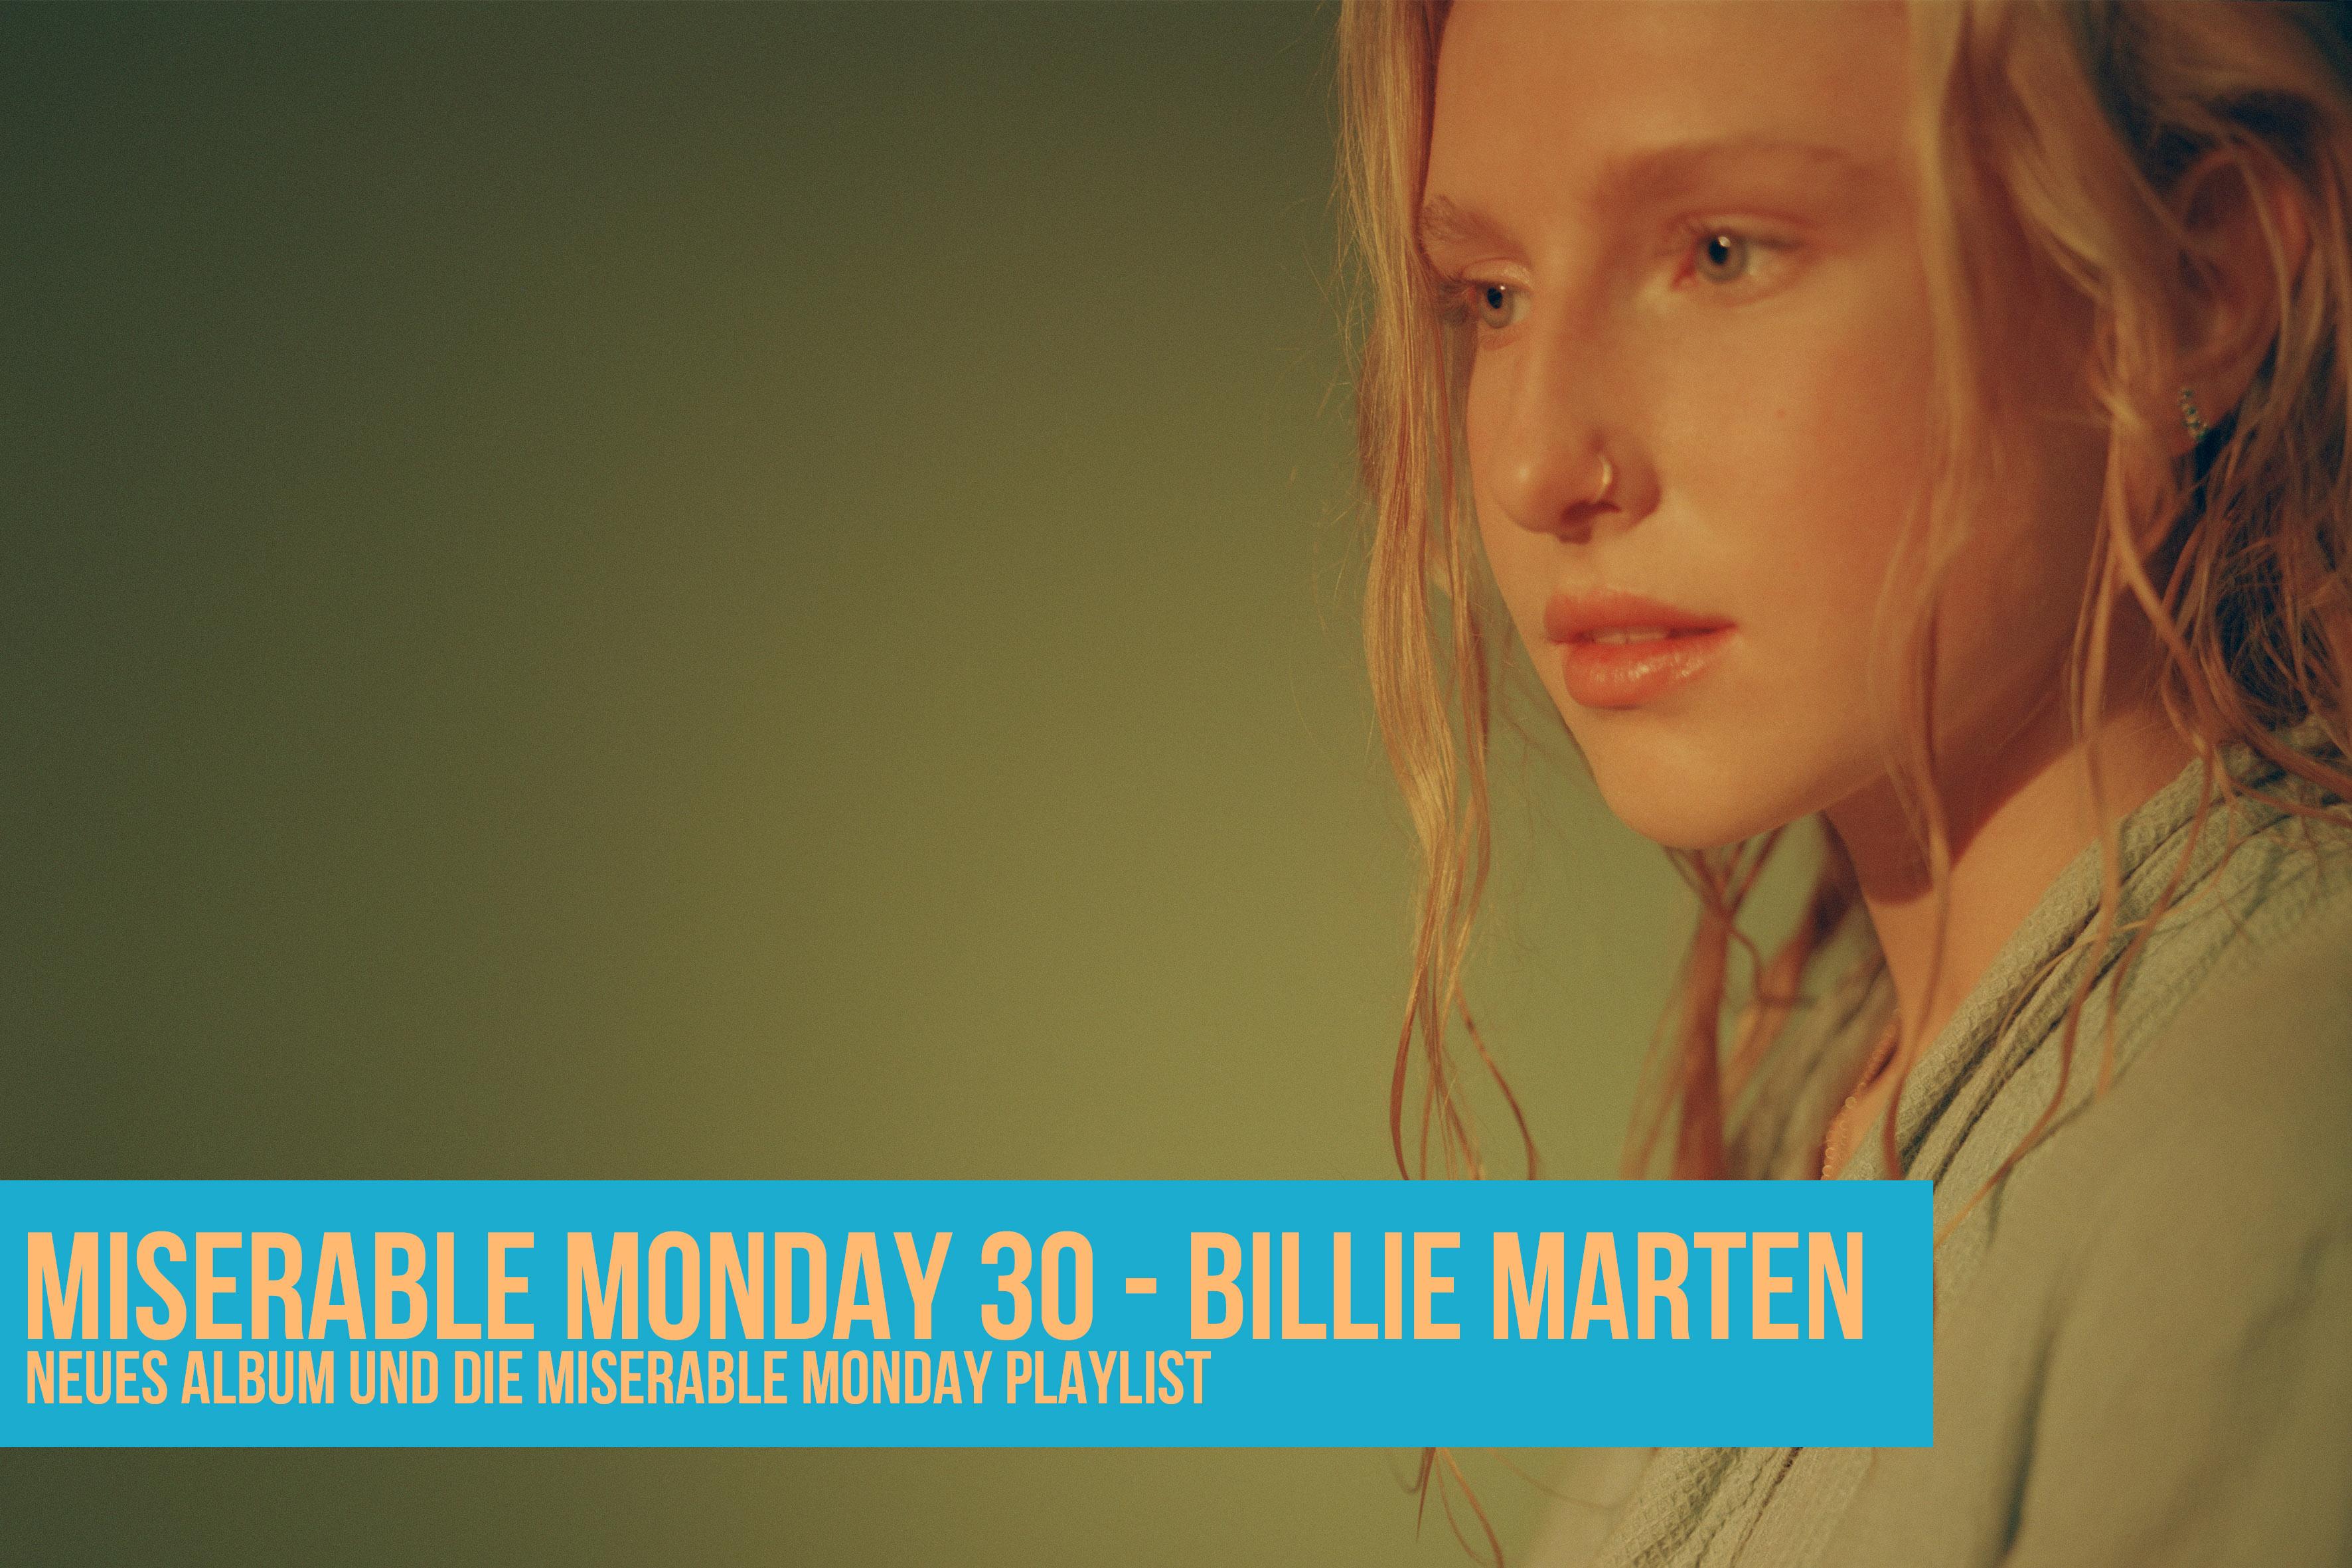 030 - Billie Marten